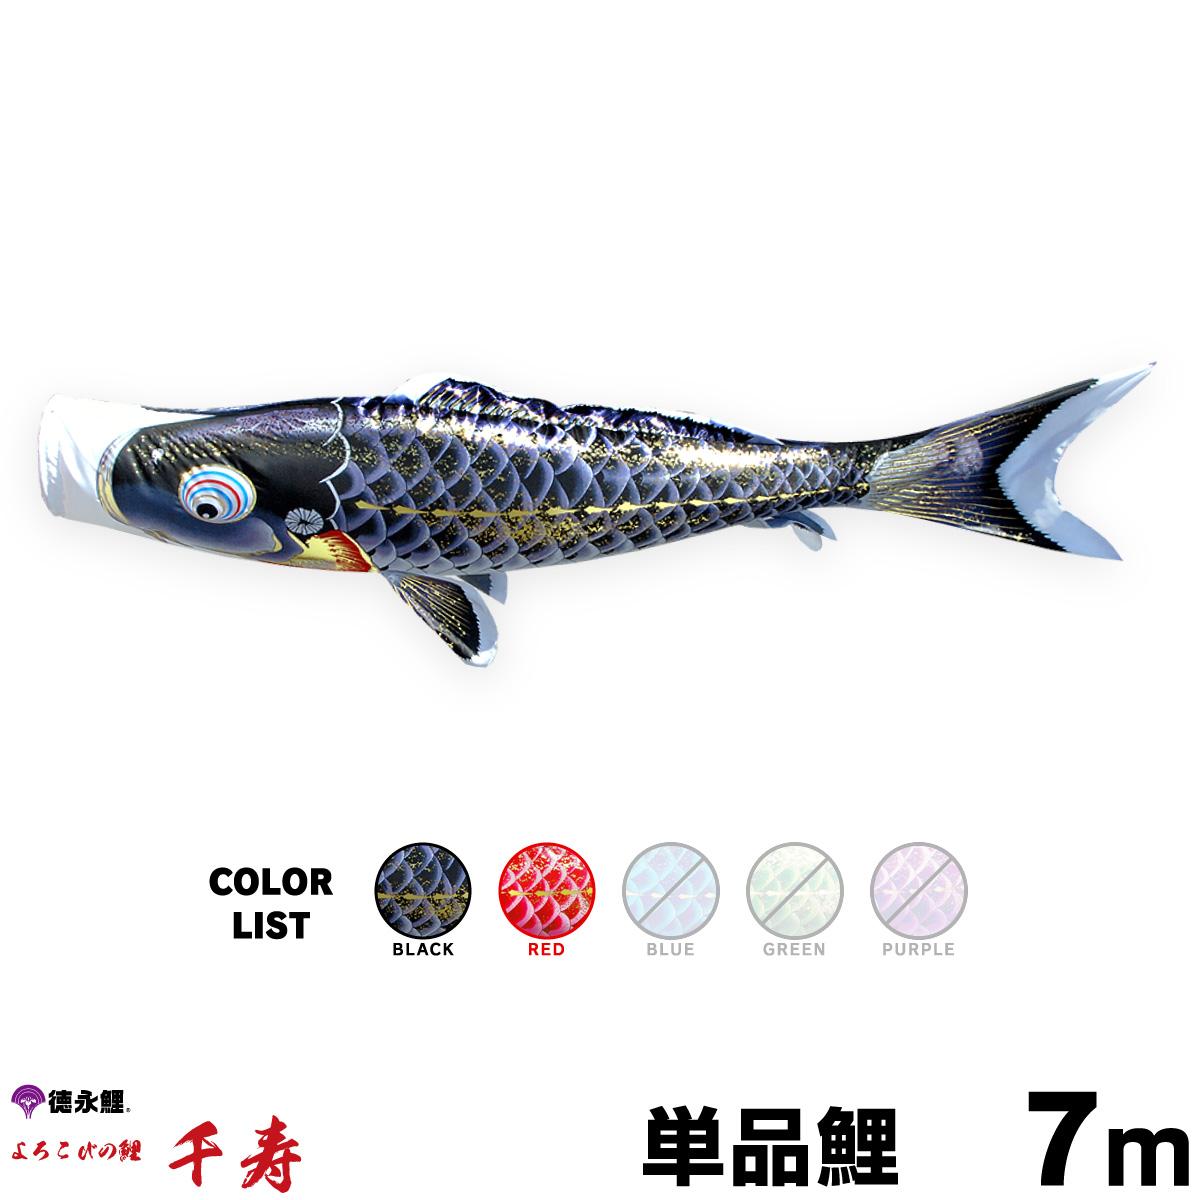 【こいのぼり 単品】 千寿 7m 単品鯉 黒 赤